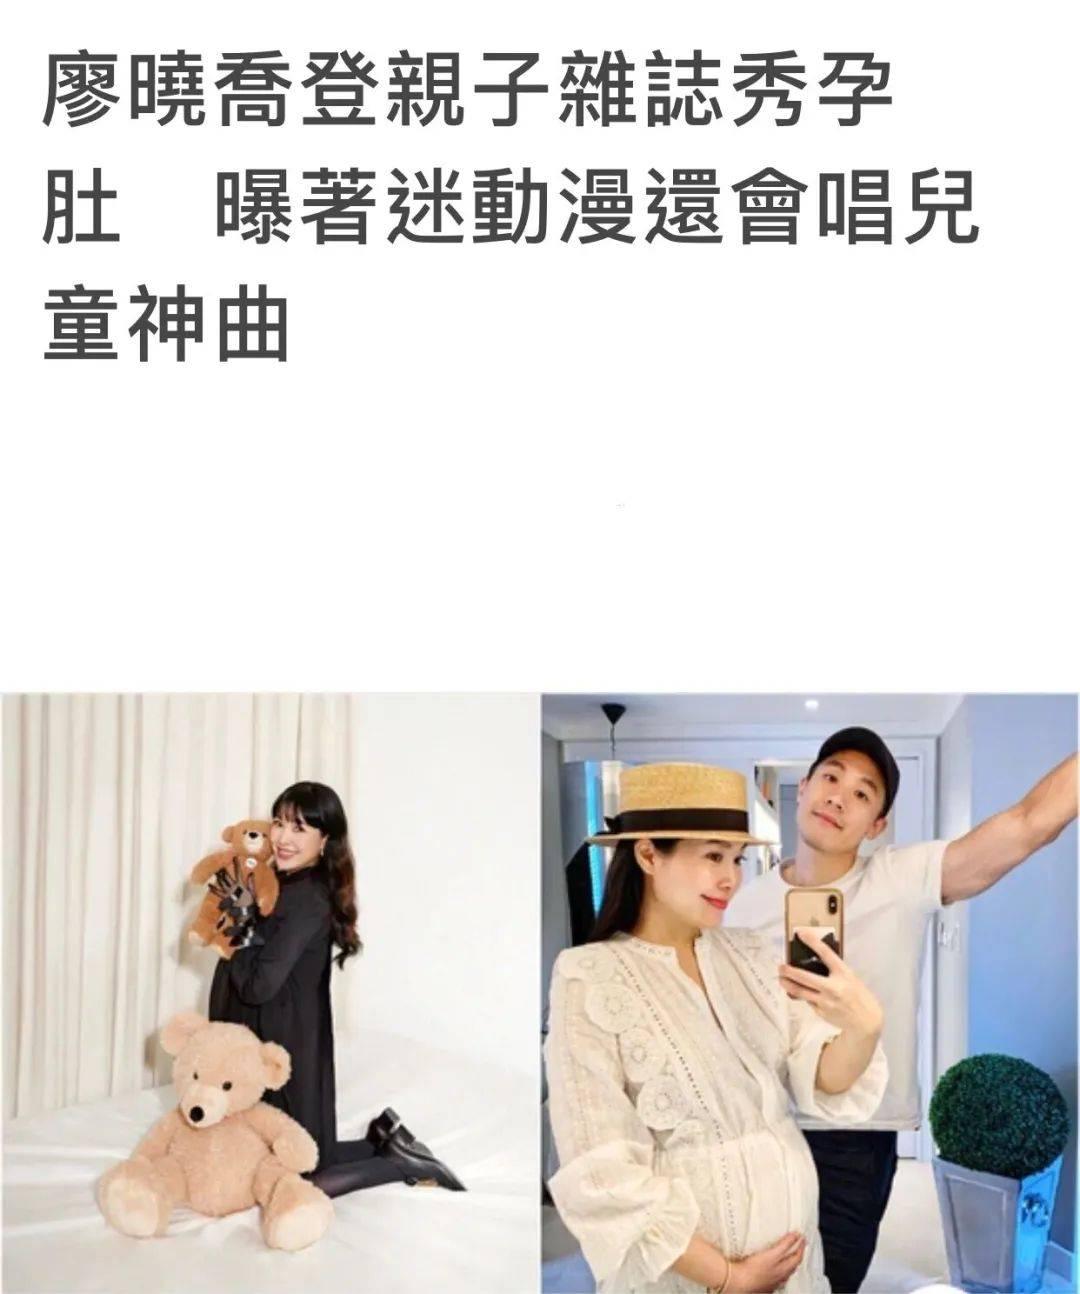 40亿台湾名媛廖晓乔挺大肚上杂志封面,曾是不婚主义,自曝盼了六年才怀孕  第1张